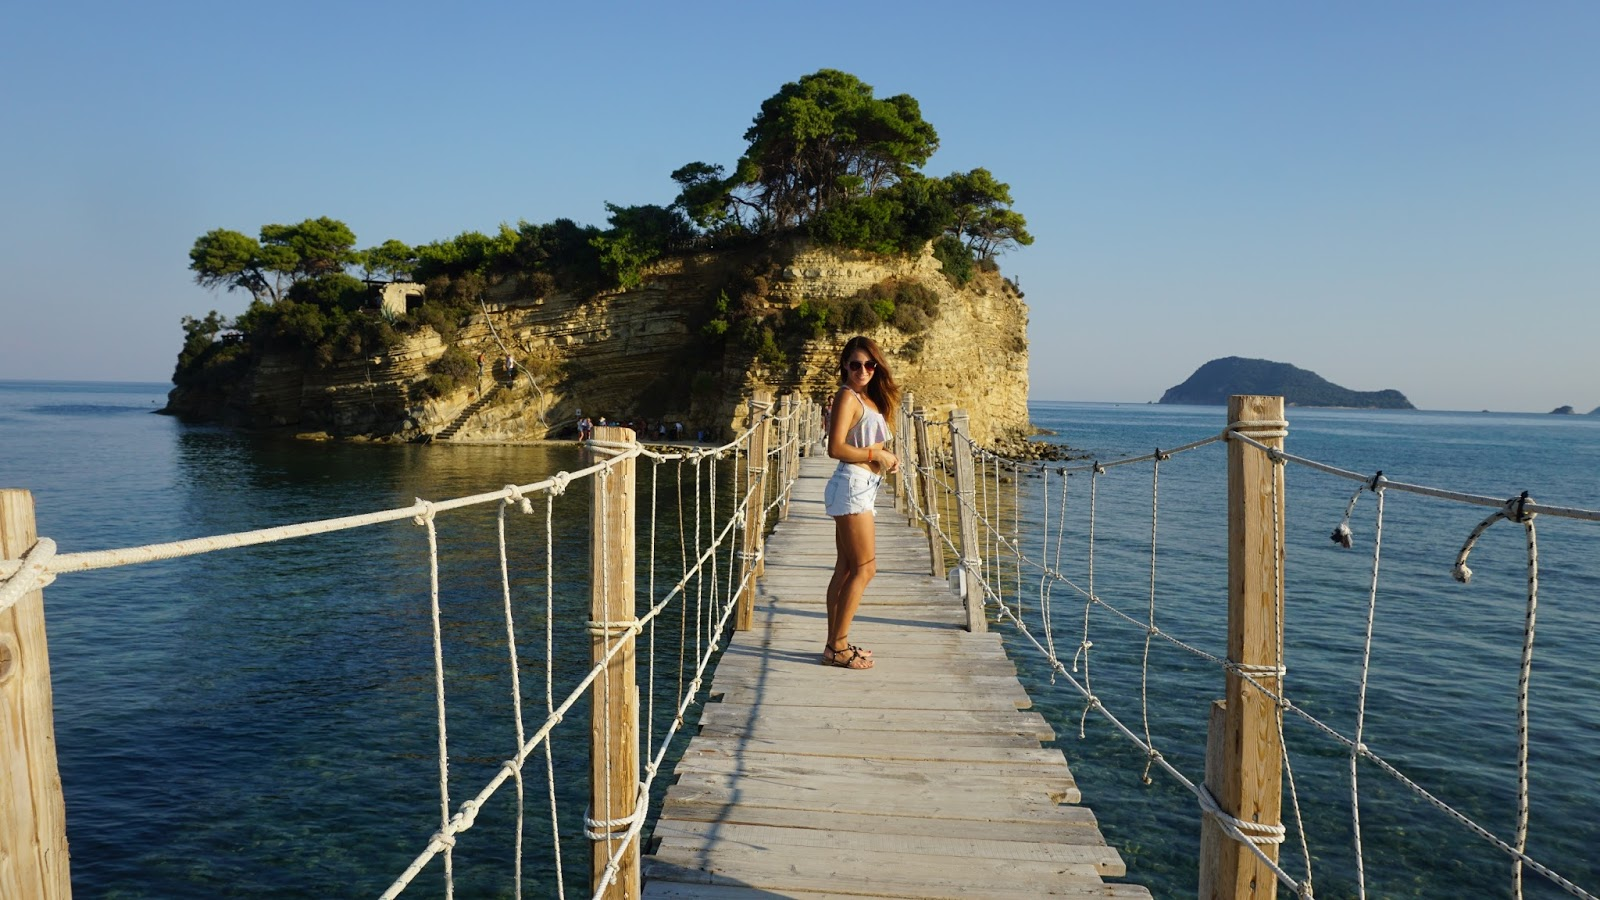 Cameo island, wyspa cameo, wyspa ślubów, zakintos, laganas, grecja, panidorcia, panidorcia w Grecji